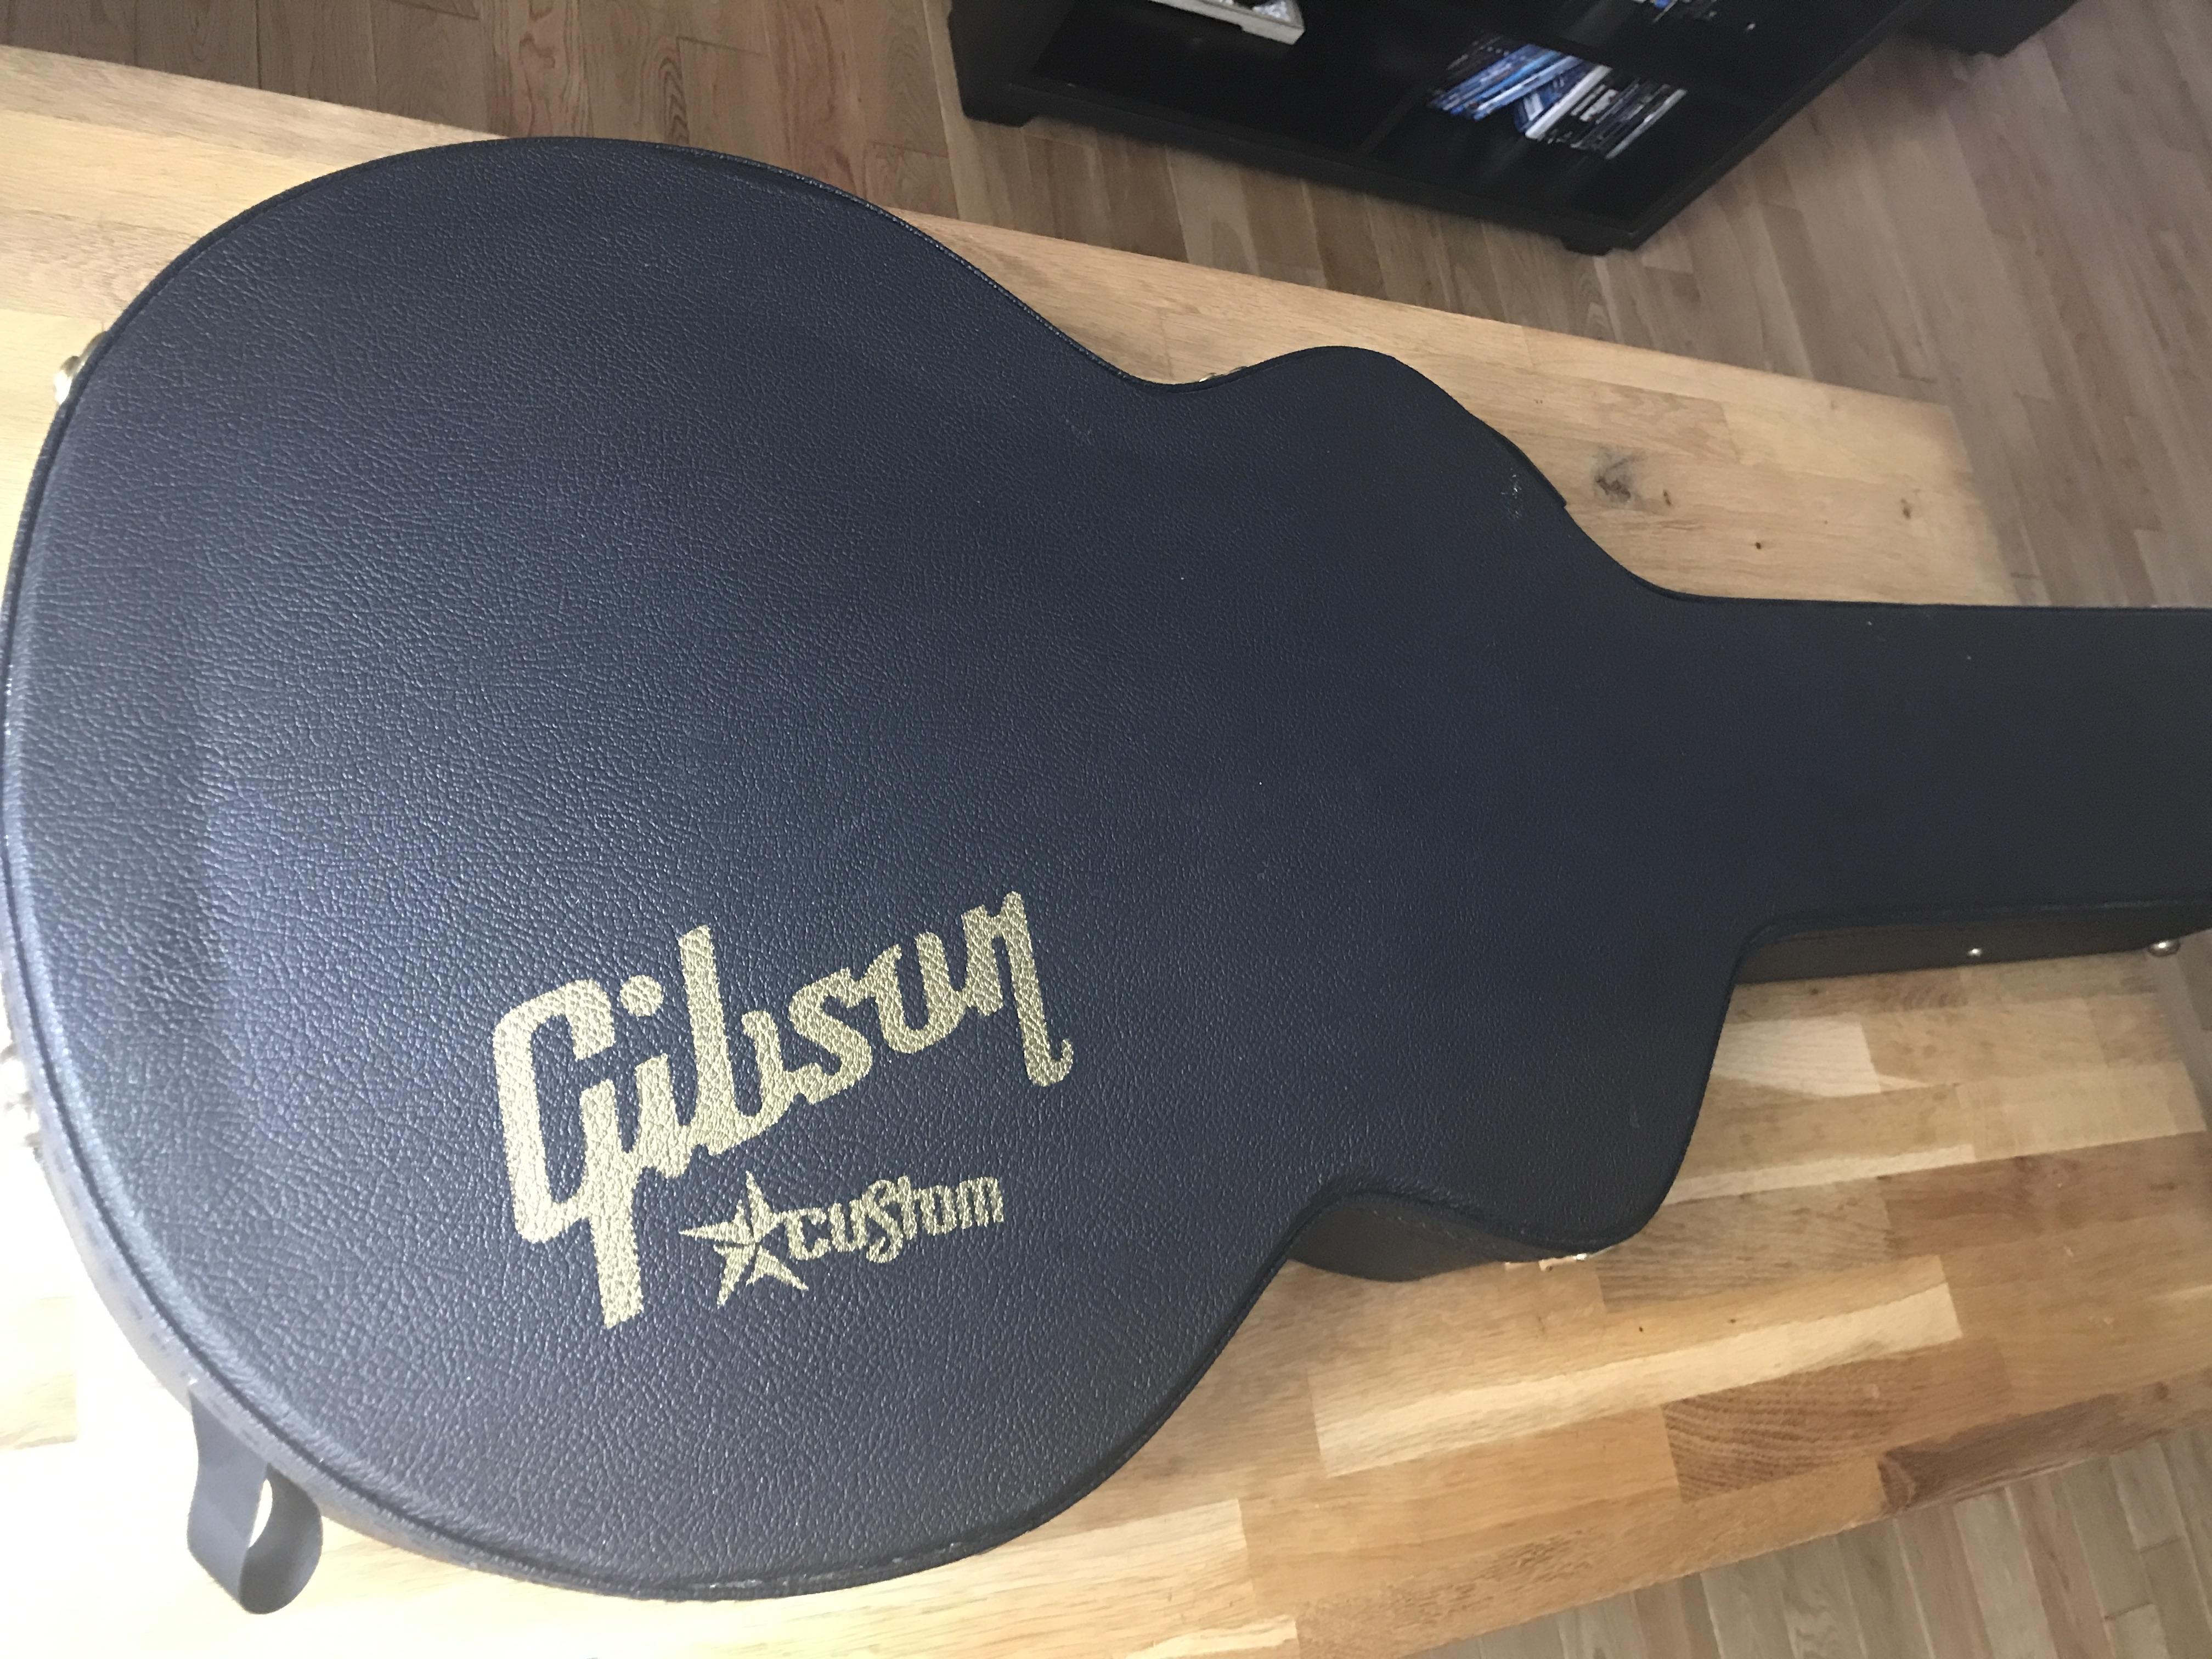 0fad1407875 ES-335 CASE - Gibson ES-335 Case - Audiofanzine